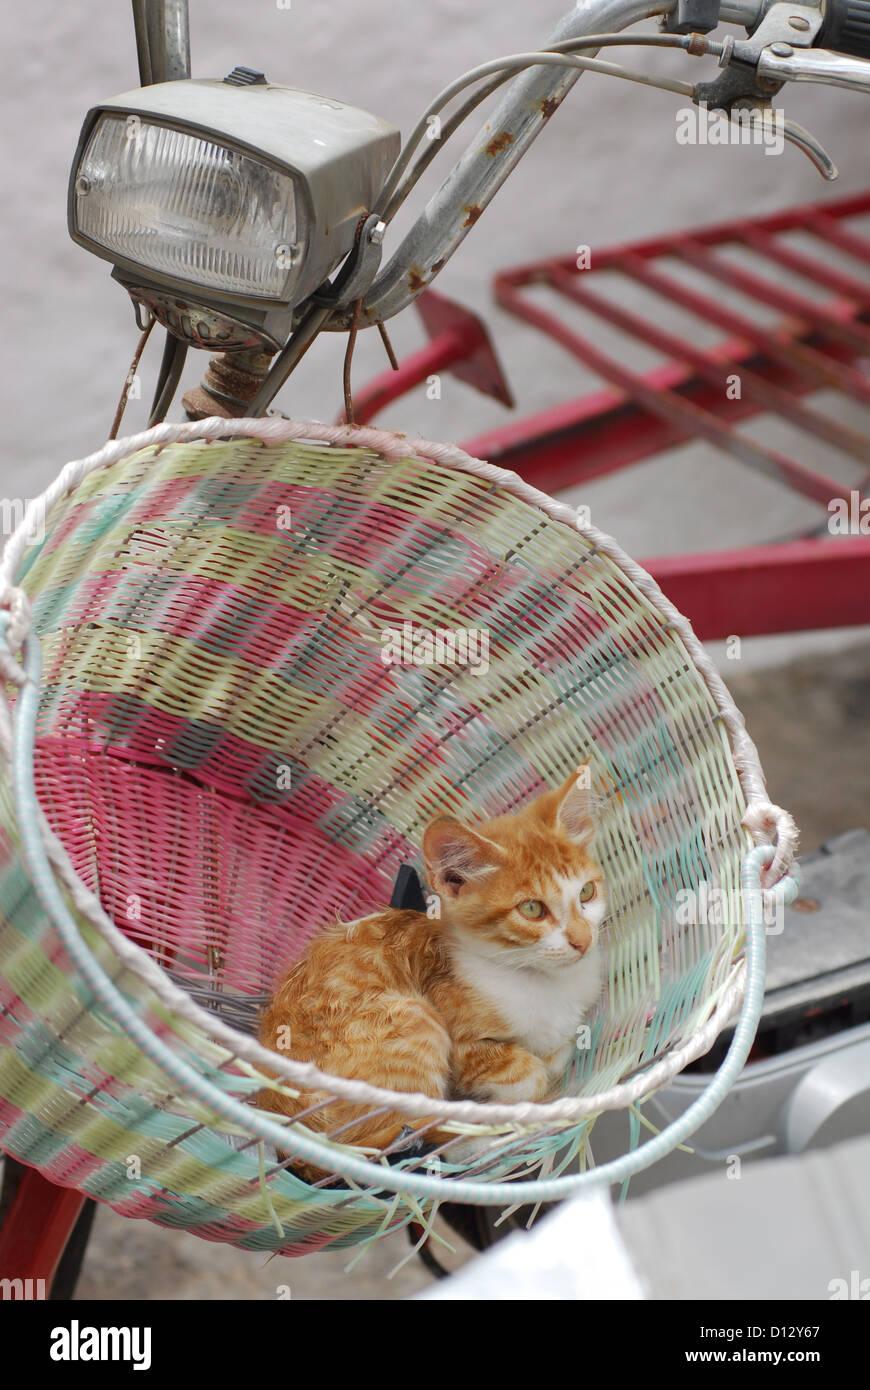 junges Hauskätzchen, Rot Tabby und Weiss, liegt in einem Fahrradkorb, Dodekanes, Griechenland, kitten, Red - Stock Image